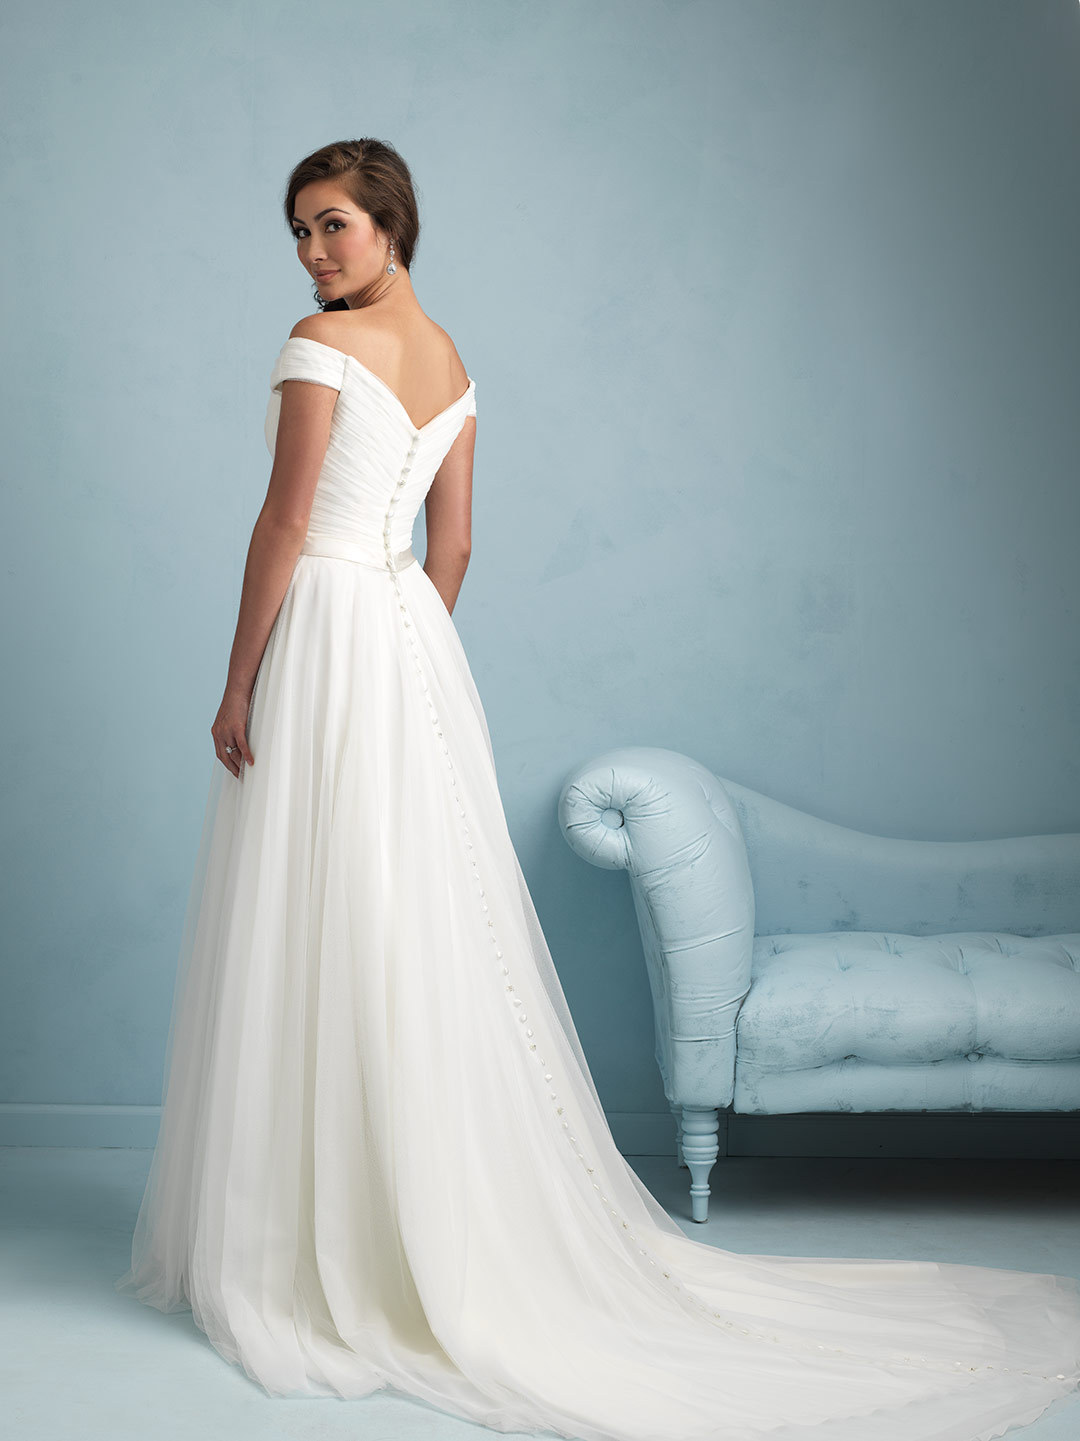 White Beach Wedding Dress Off Shoulder Chiffon Bridal Wedding Gowns Custom Size